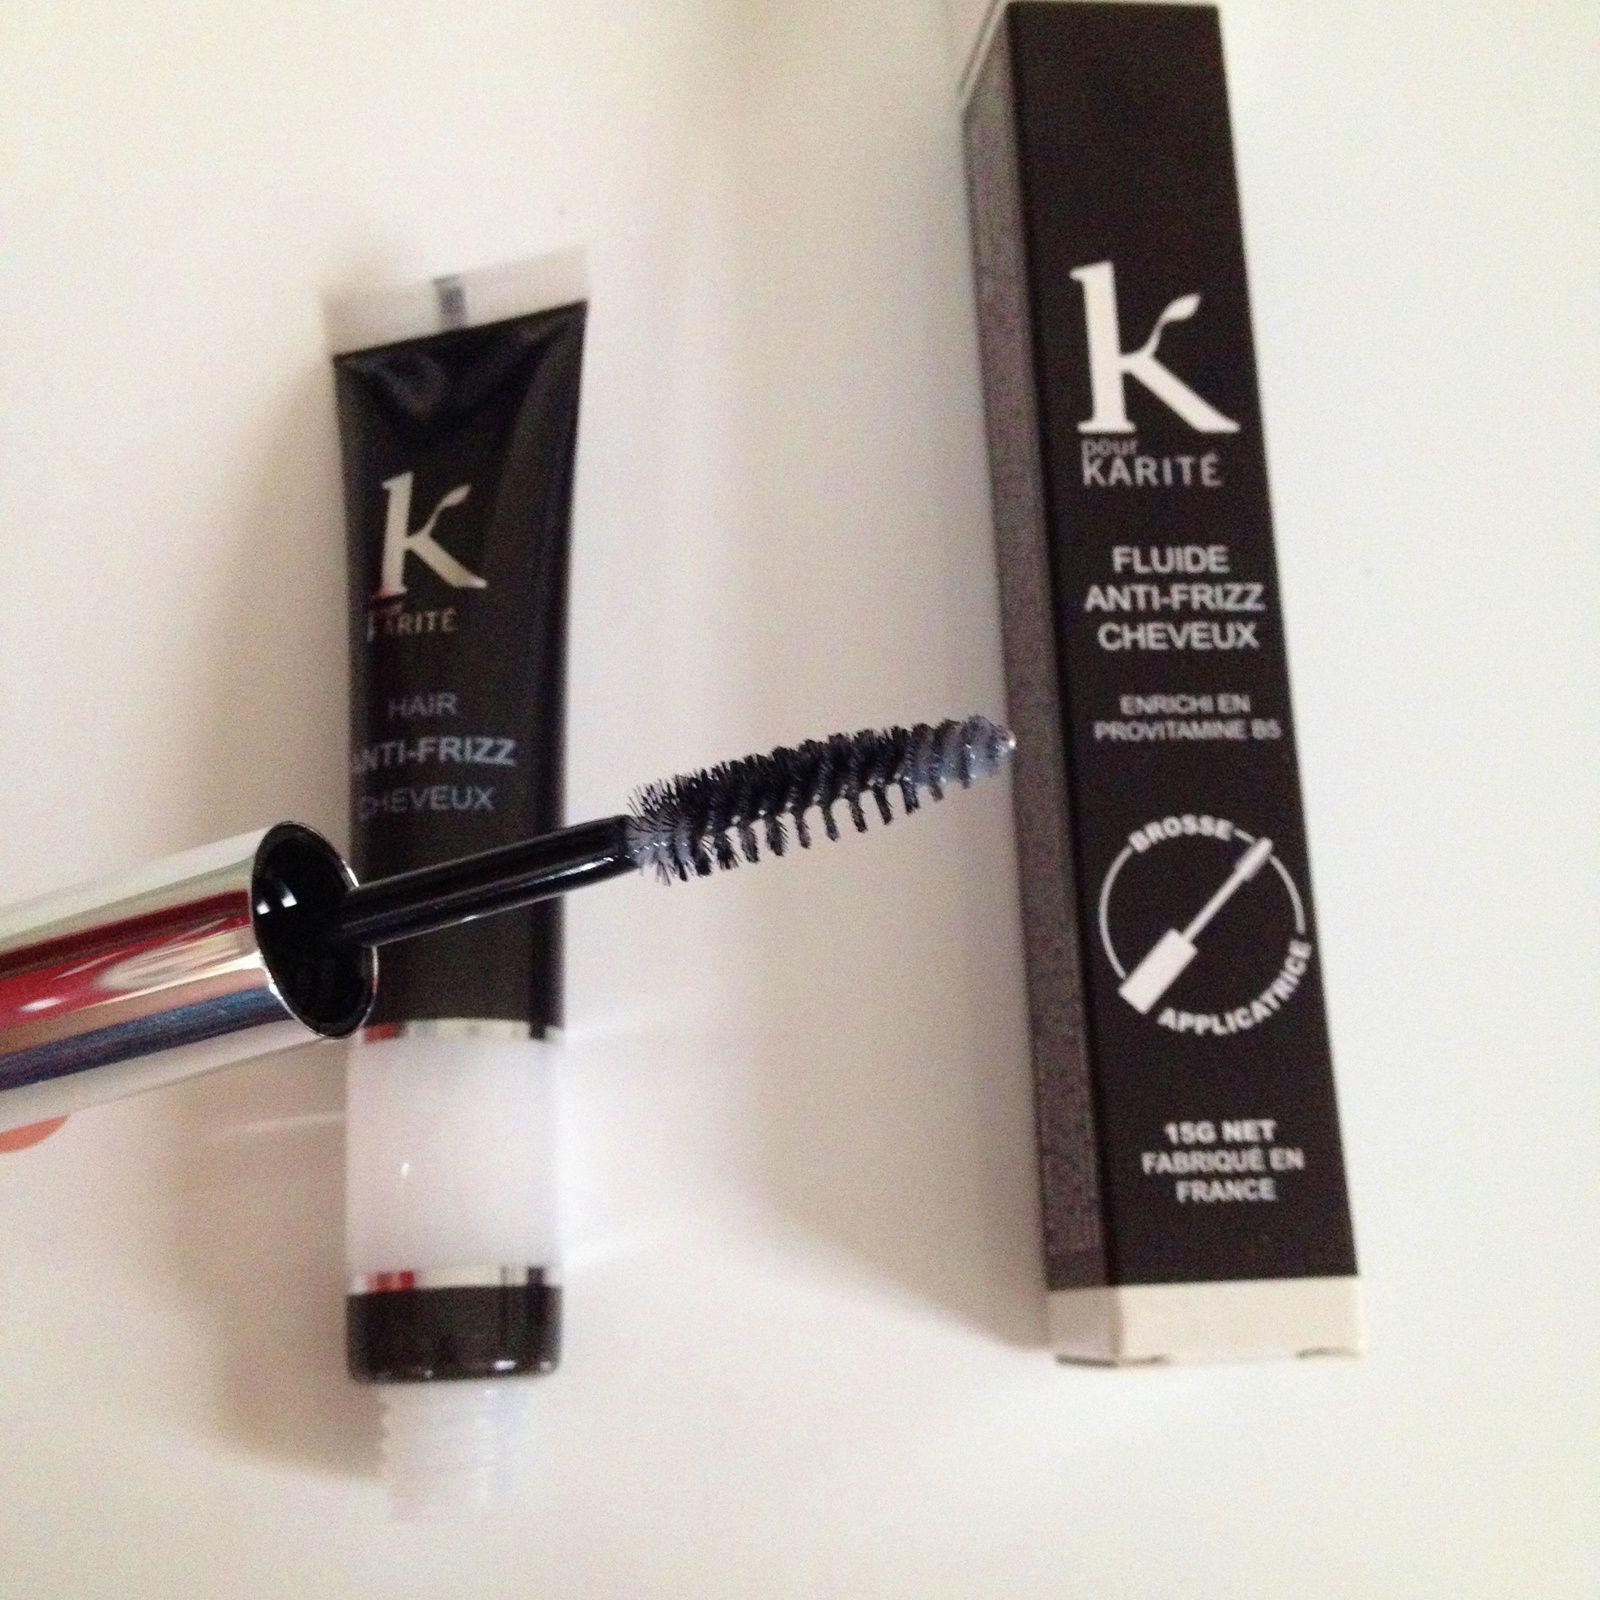 Un mascara anti frizz de K pour Karité.Sa promesse: éliminer les frisottis en un seul geste et sans graisser le cheveu.